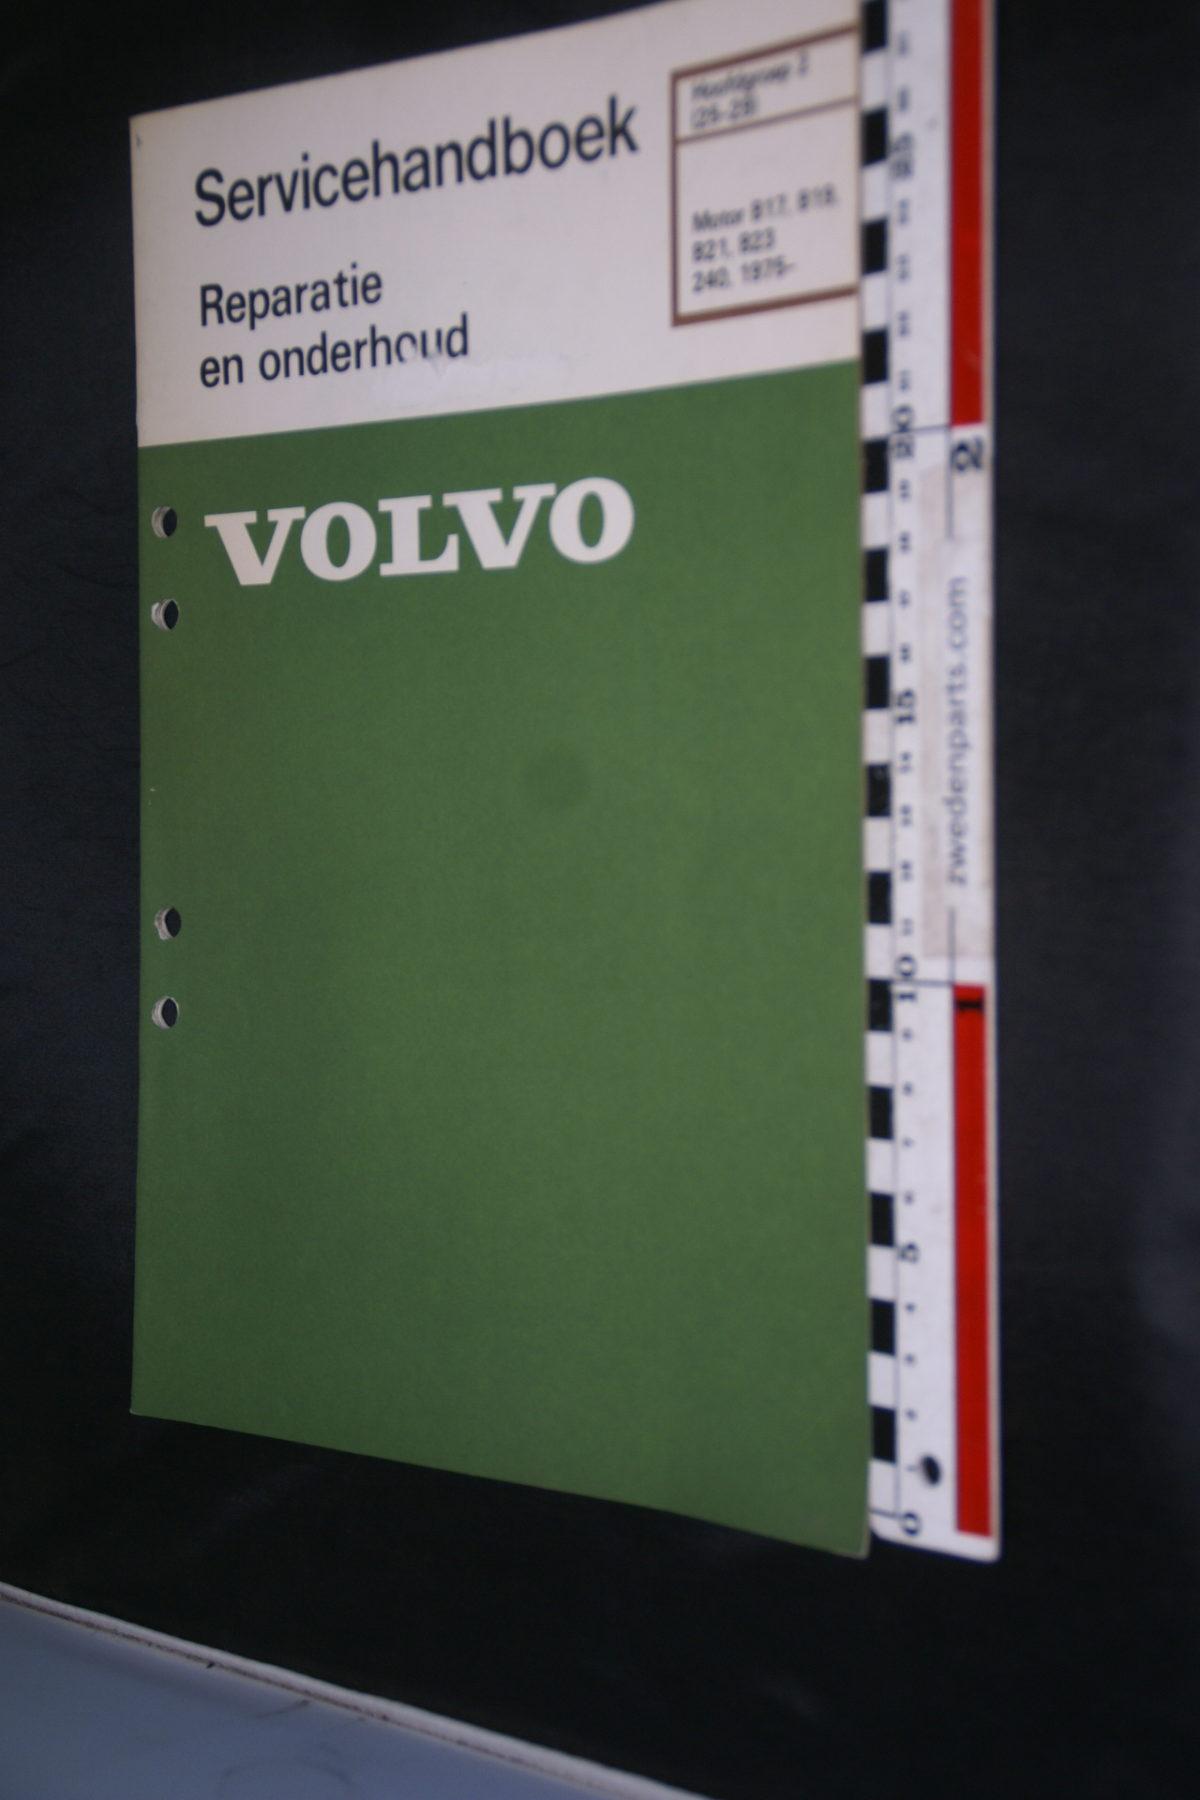 DSC08481 1980 origineel Volvo 240 servicehandboek  2 (25-29) motor B19, B21, B23 1 van 800 TP 30167-1